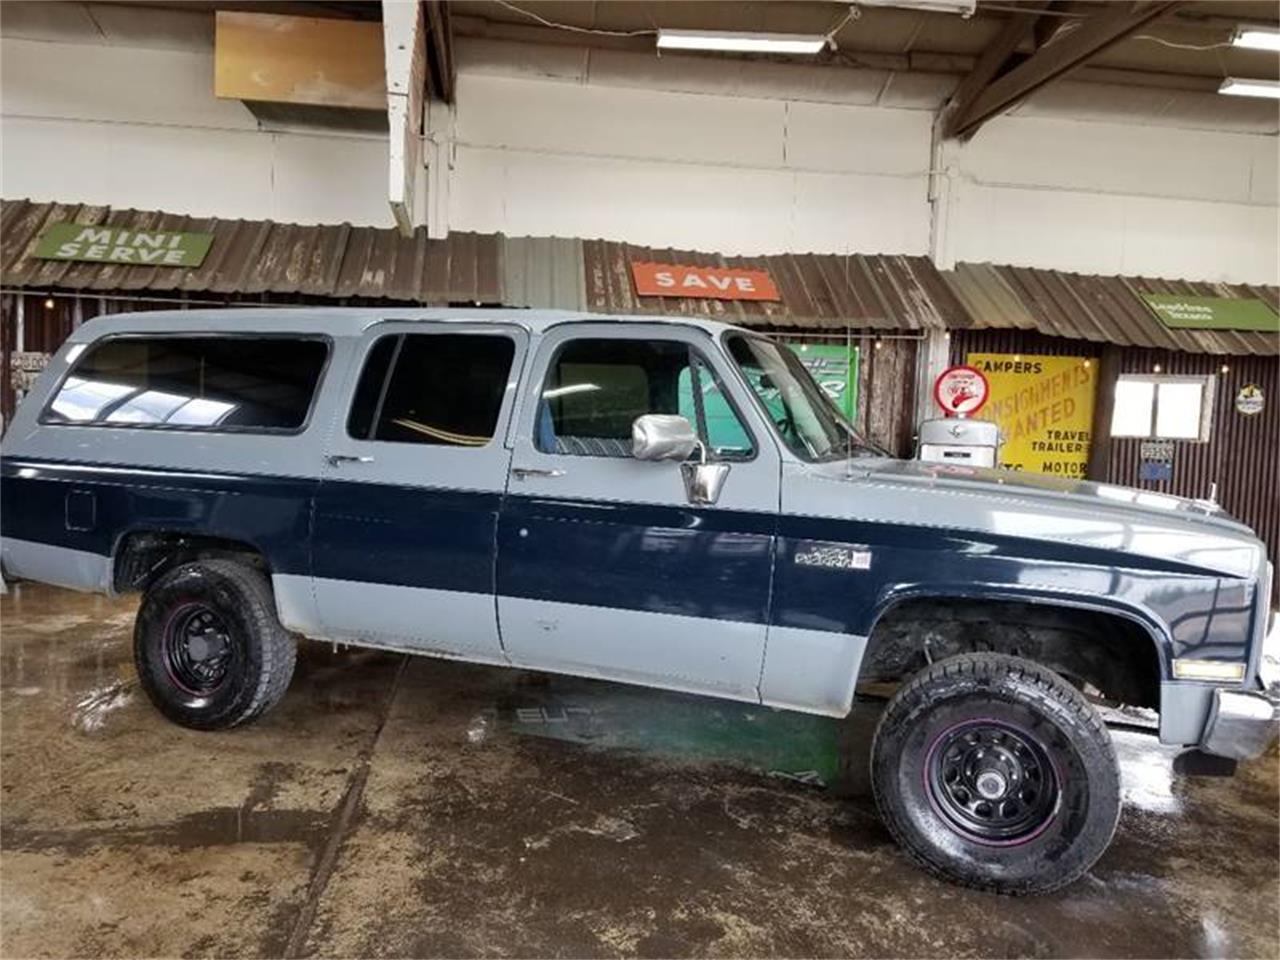 Large Picture of 1988 GMC Suburban located in Oregon - $9,500.00 - Q2MI